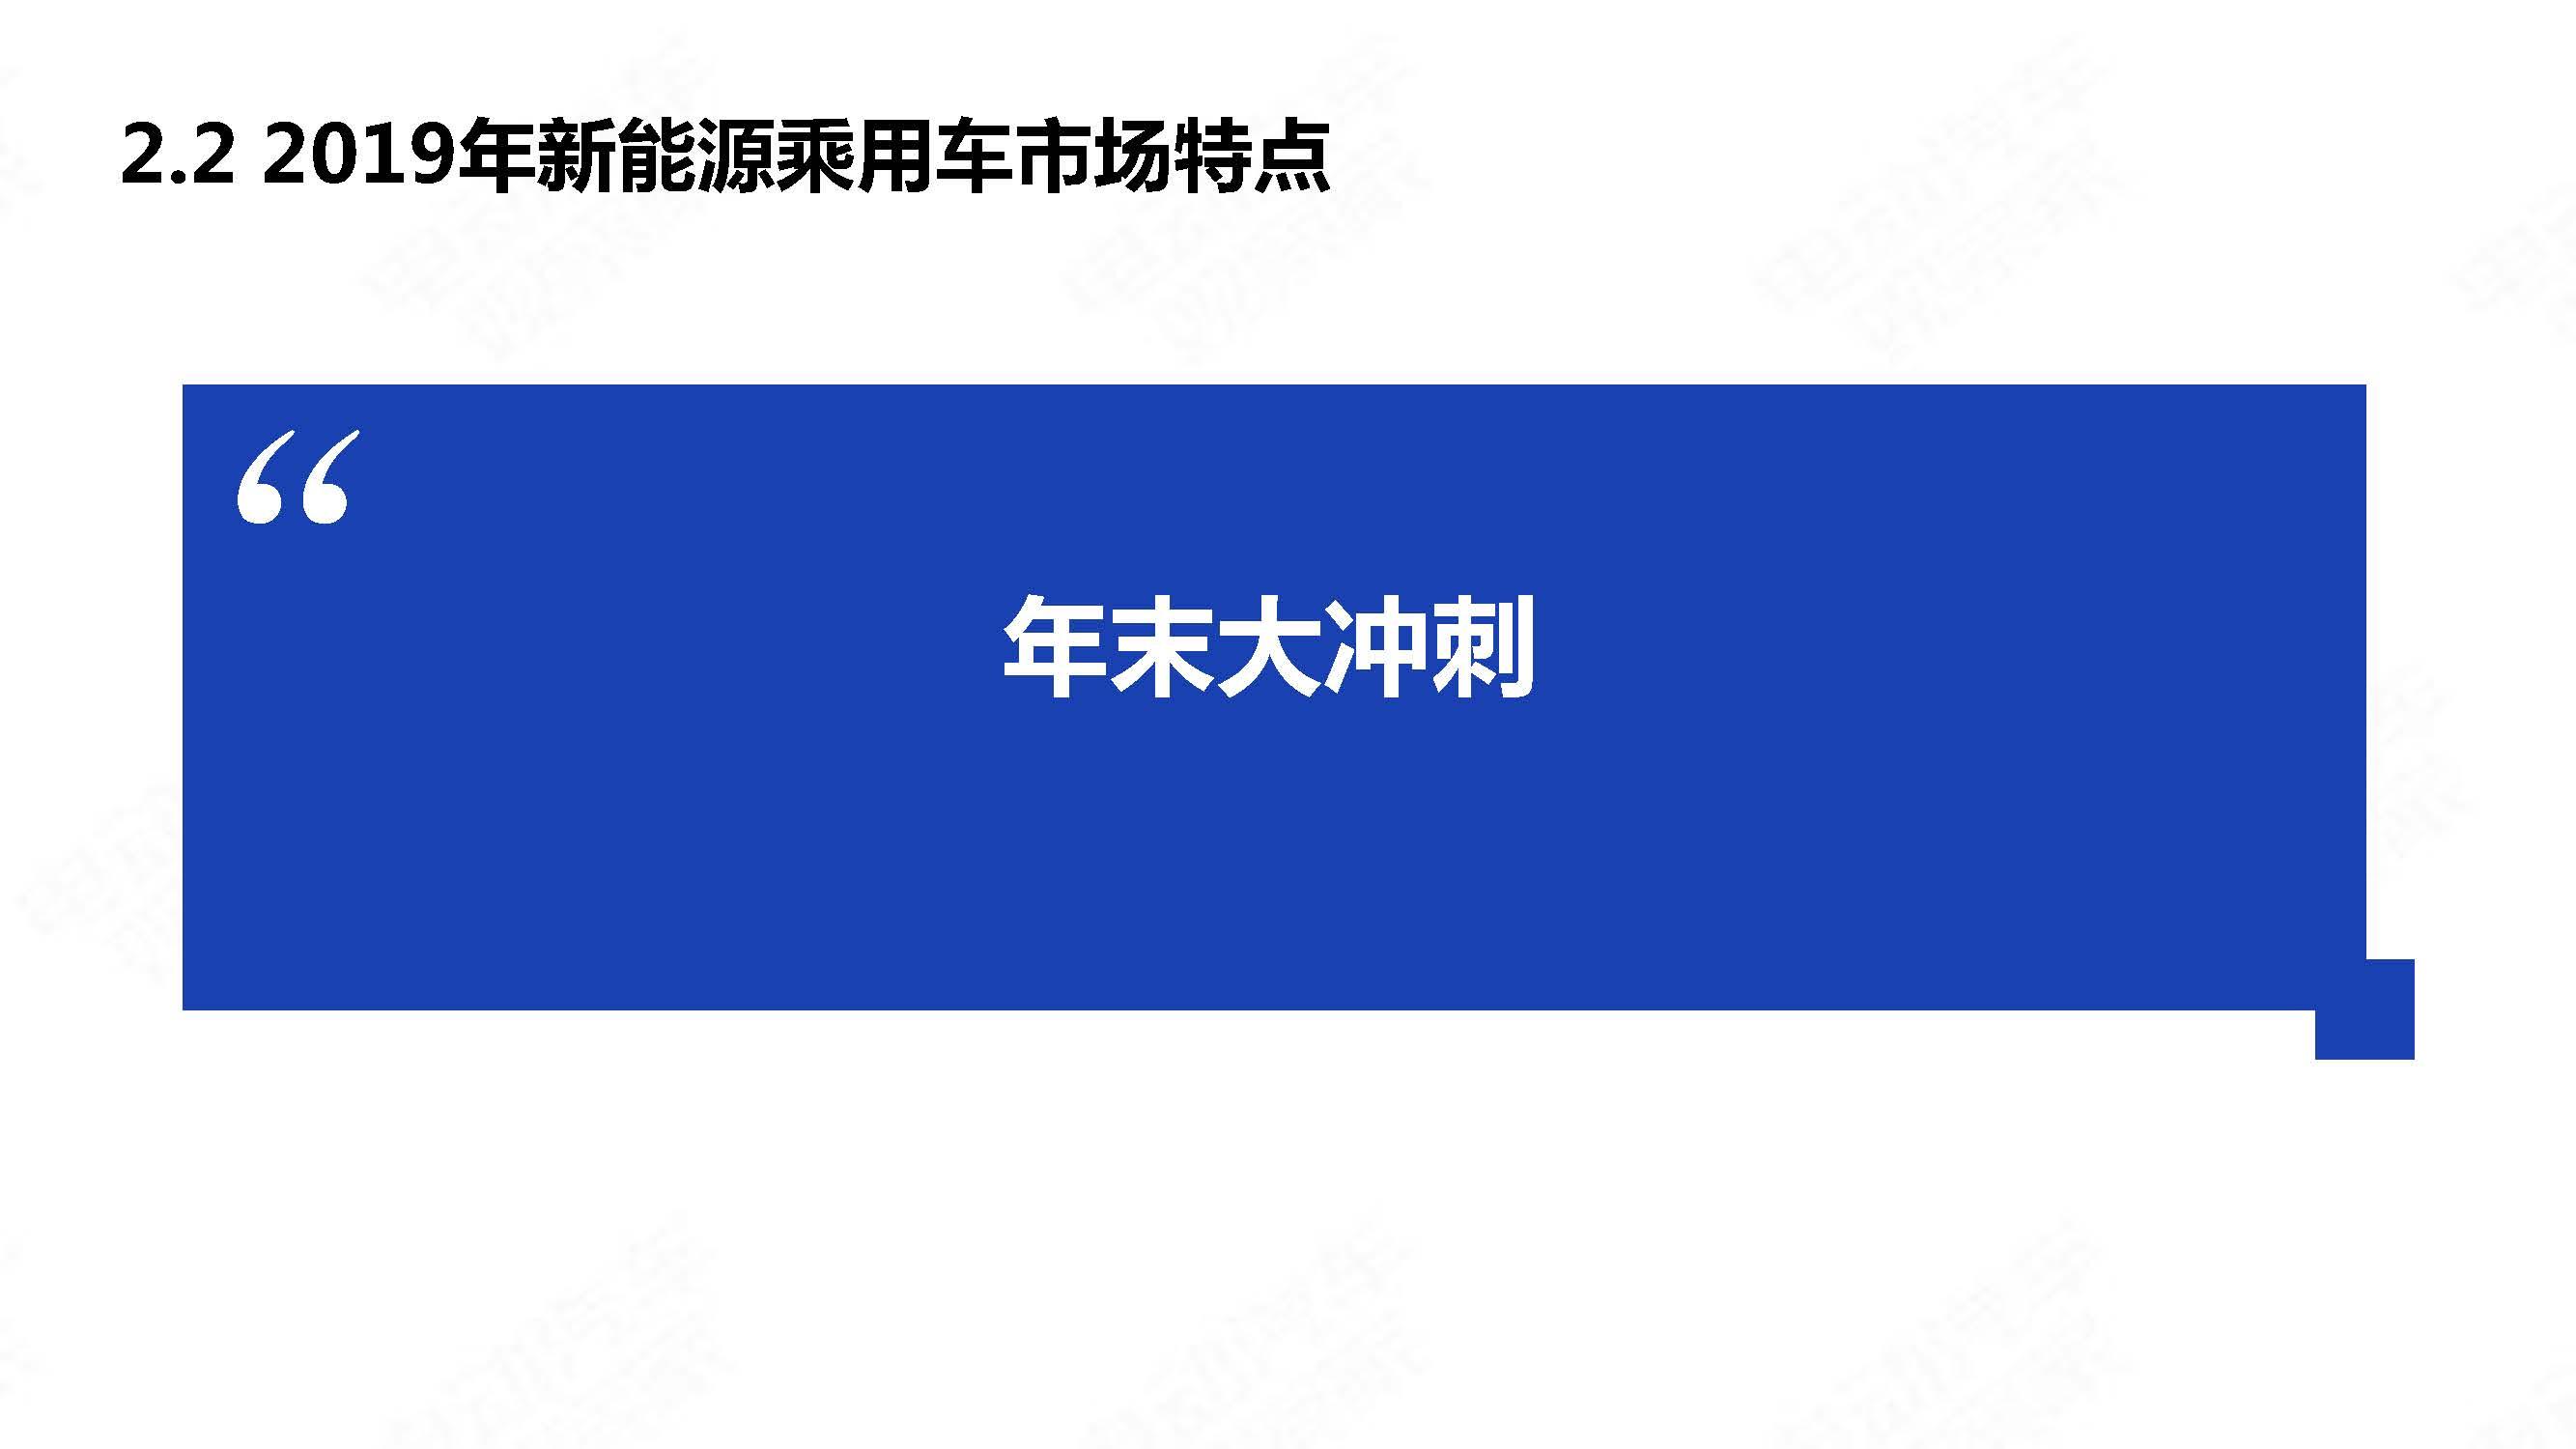 中国新能源汽车产业年度观察2020 简版_页面_13